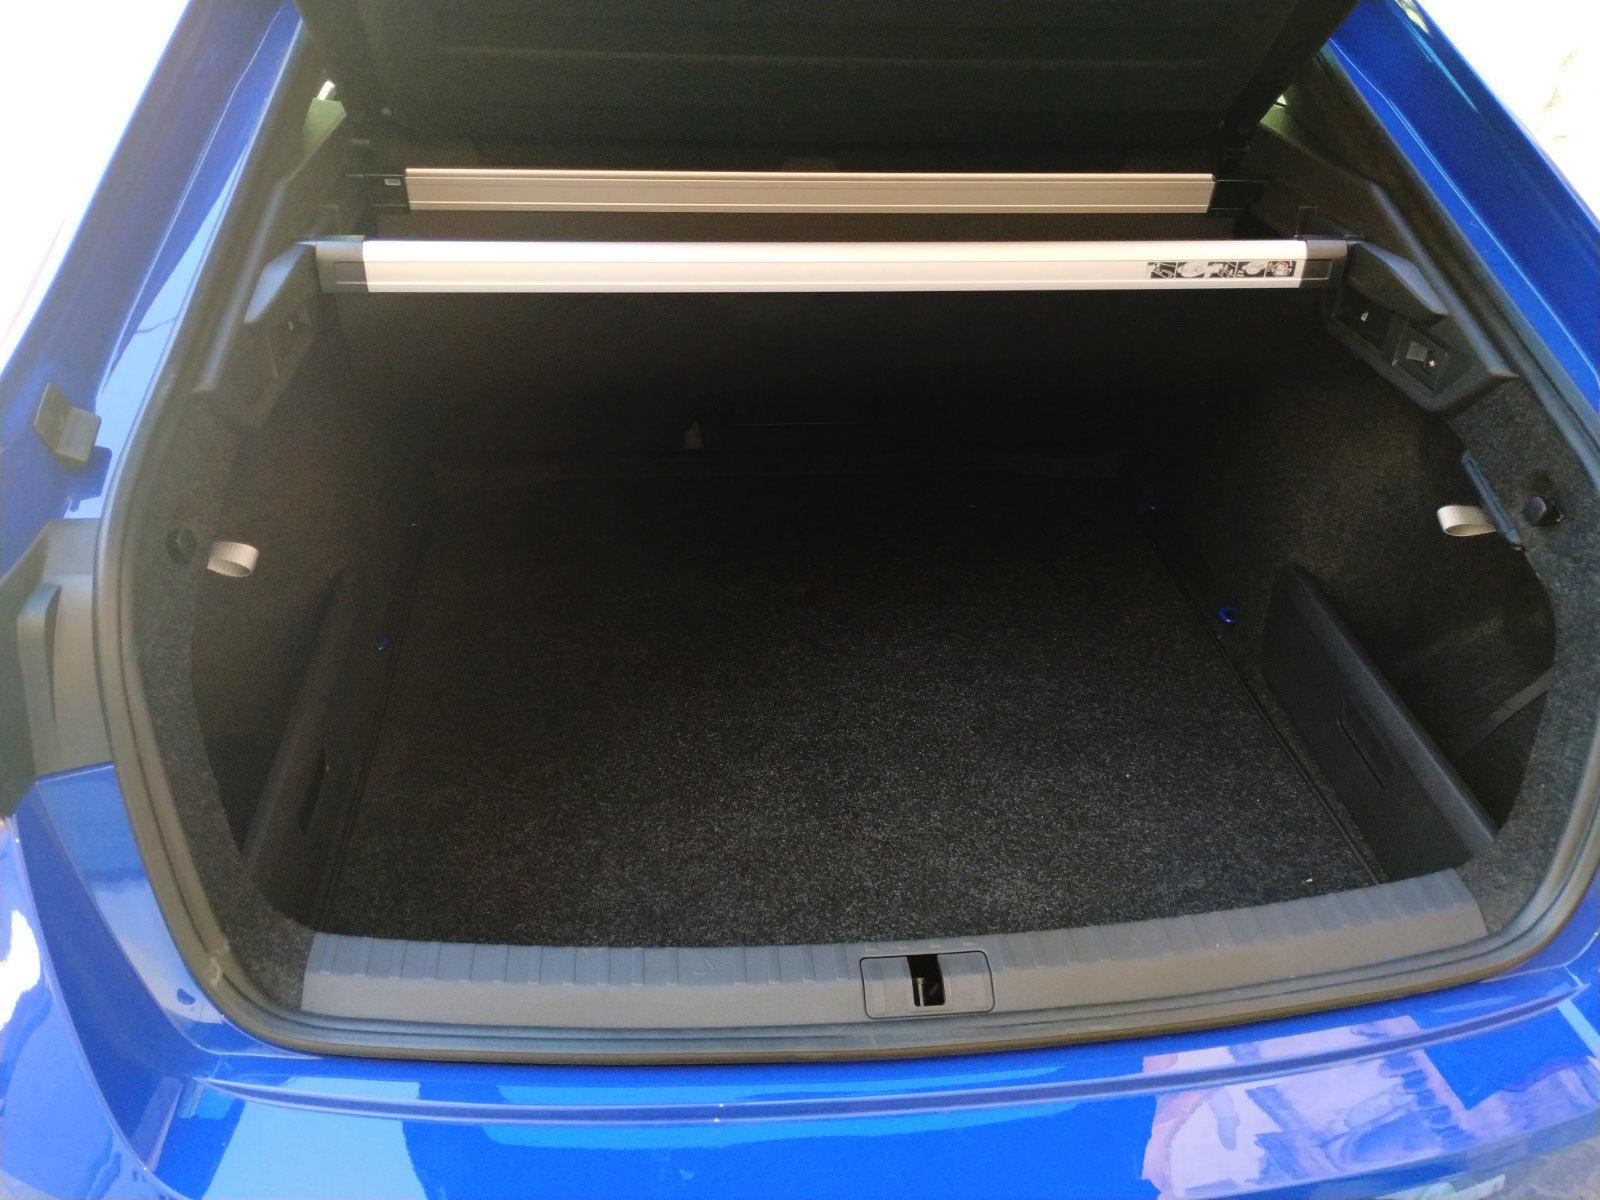 El maletero tiene 600 litros, formas muy limpias y una boca amplísima.